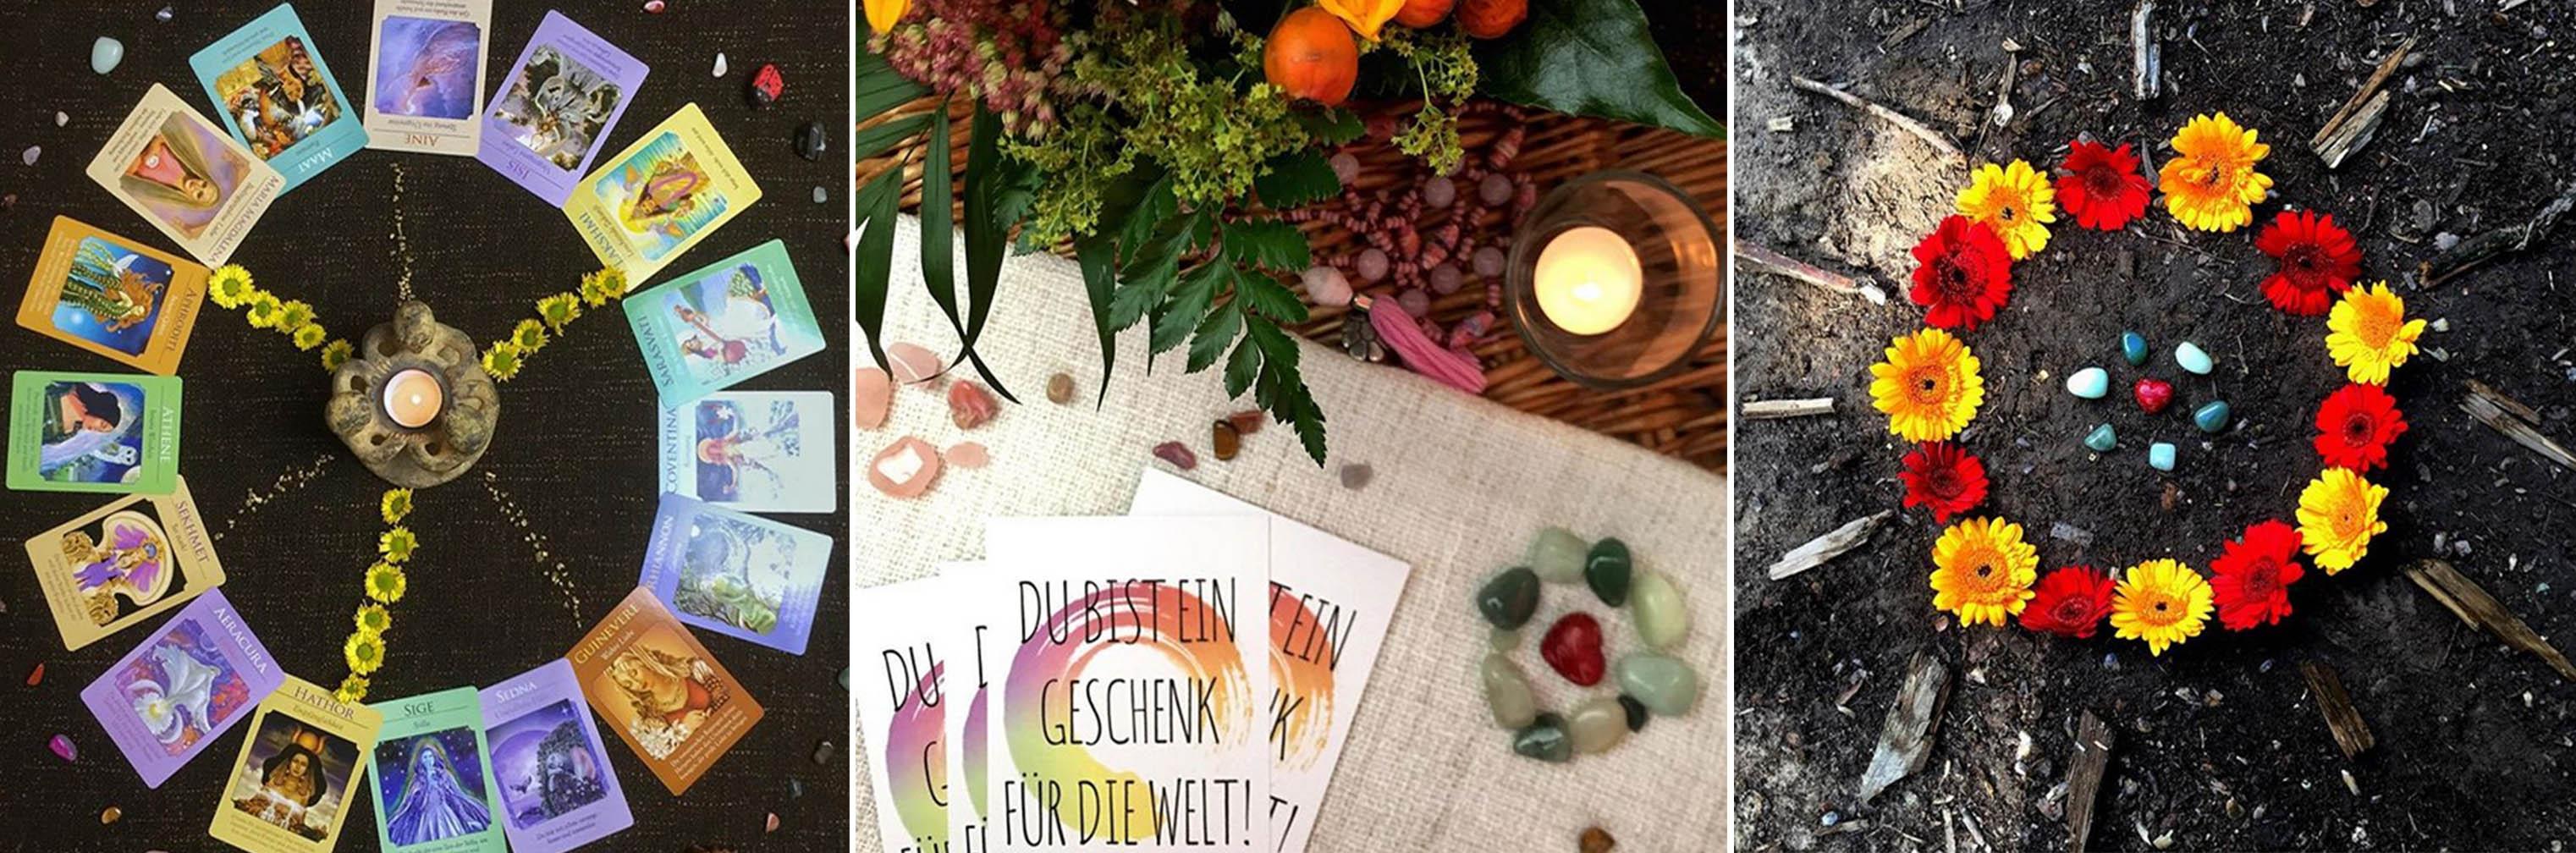 Raum Mitte Kerzen Orakelkarten Blumen Mein Flyer mit dem Spruch Du bist ein Geschenk für die Welt